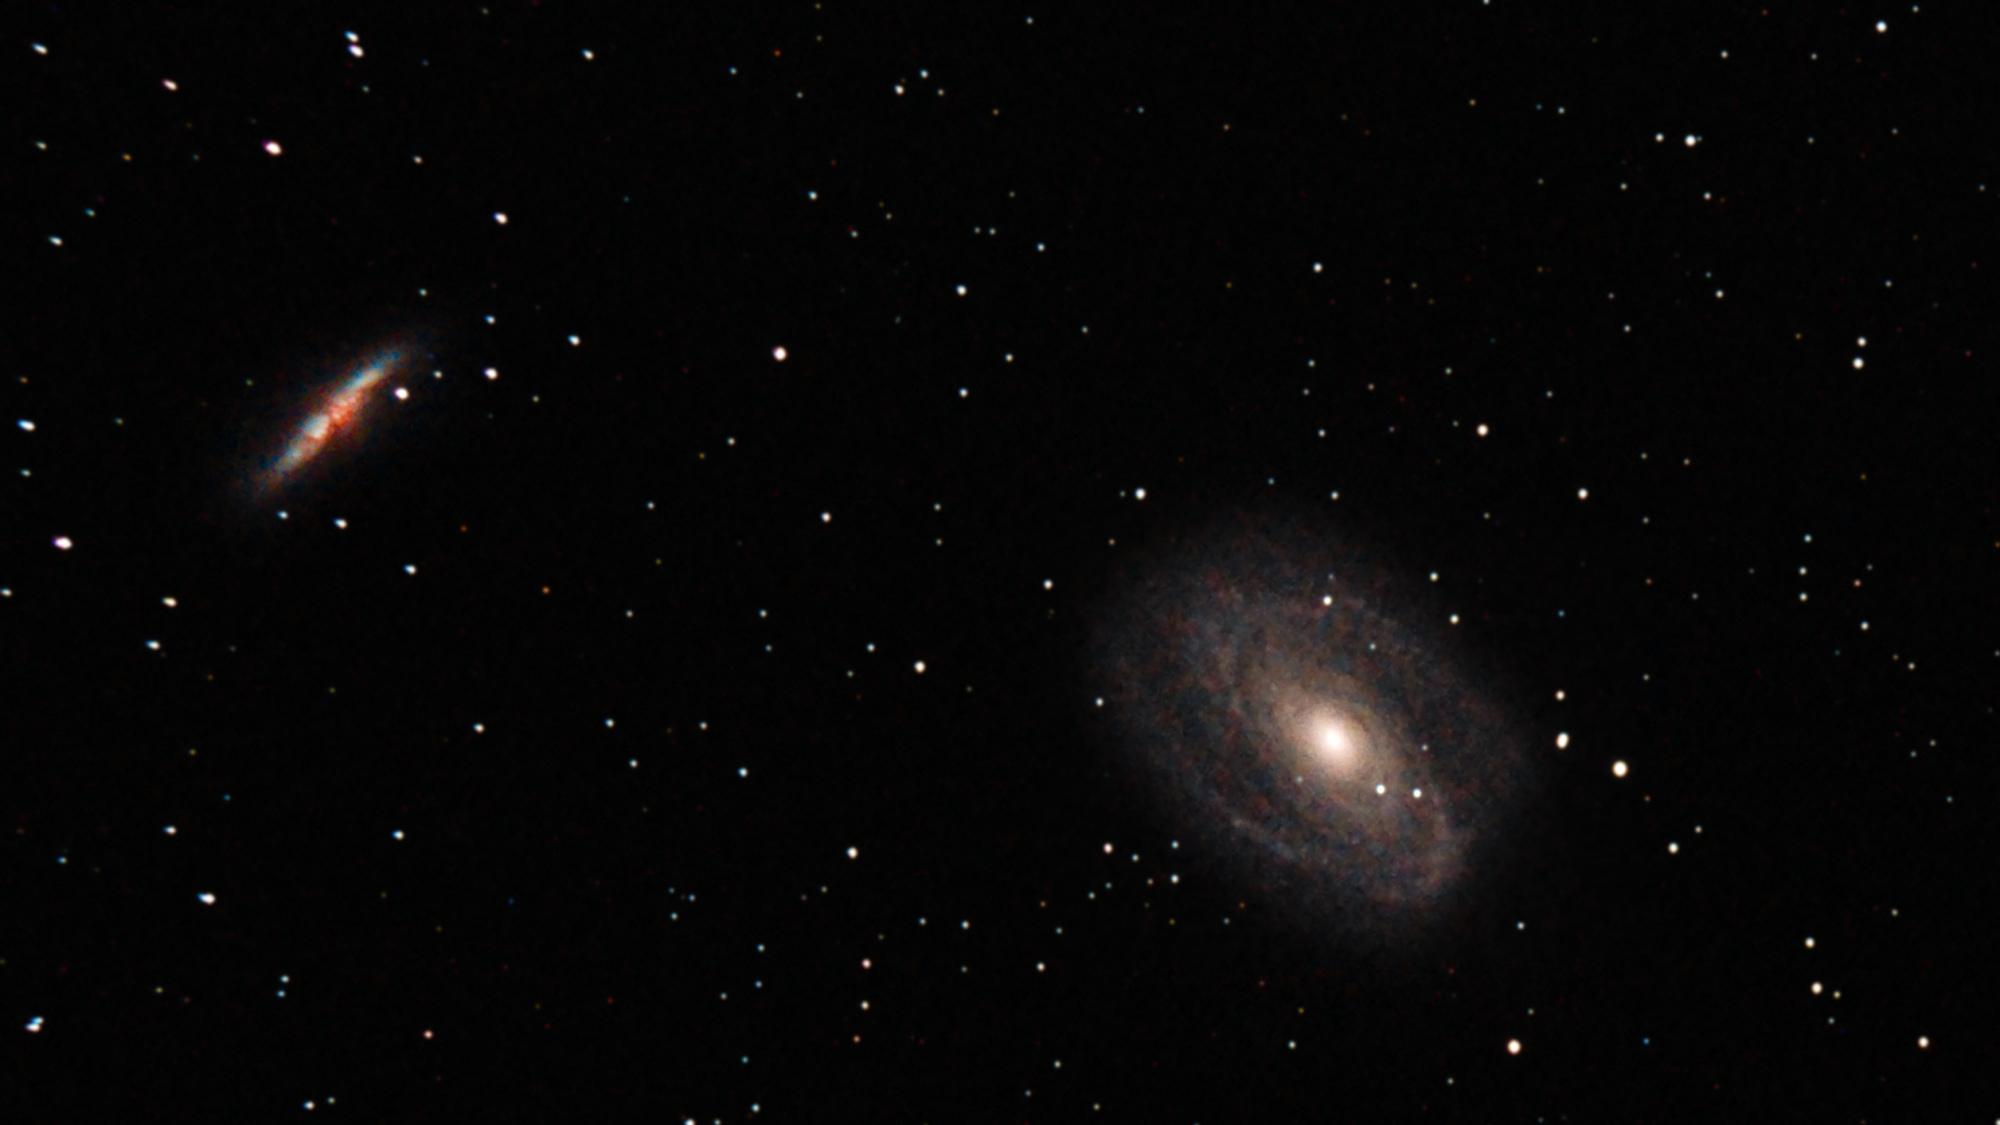 Galaxie Bode M81 28x300s ISO800 - détail - avec flou gaussien sur les étoiles et débruitage.jpg